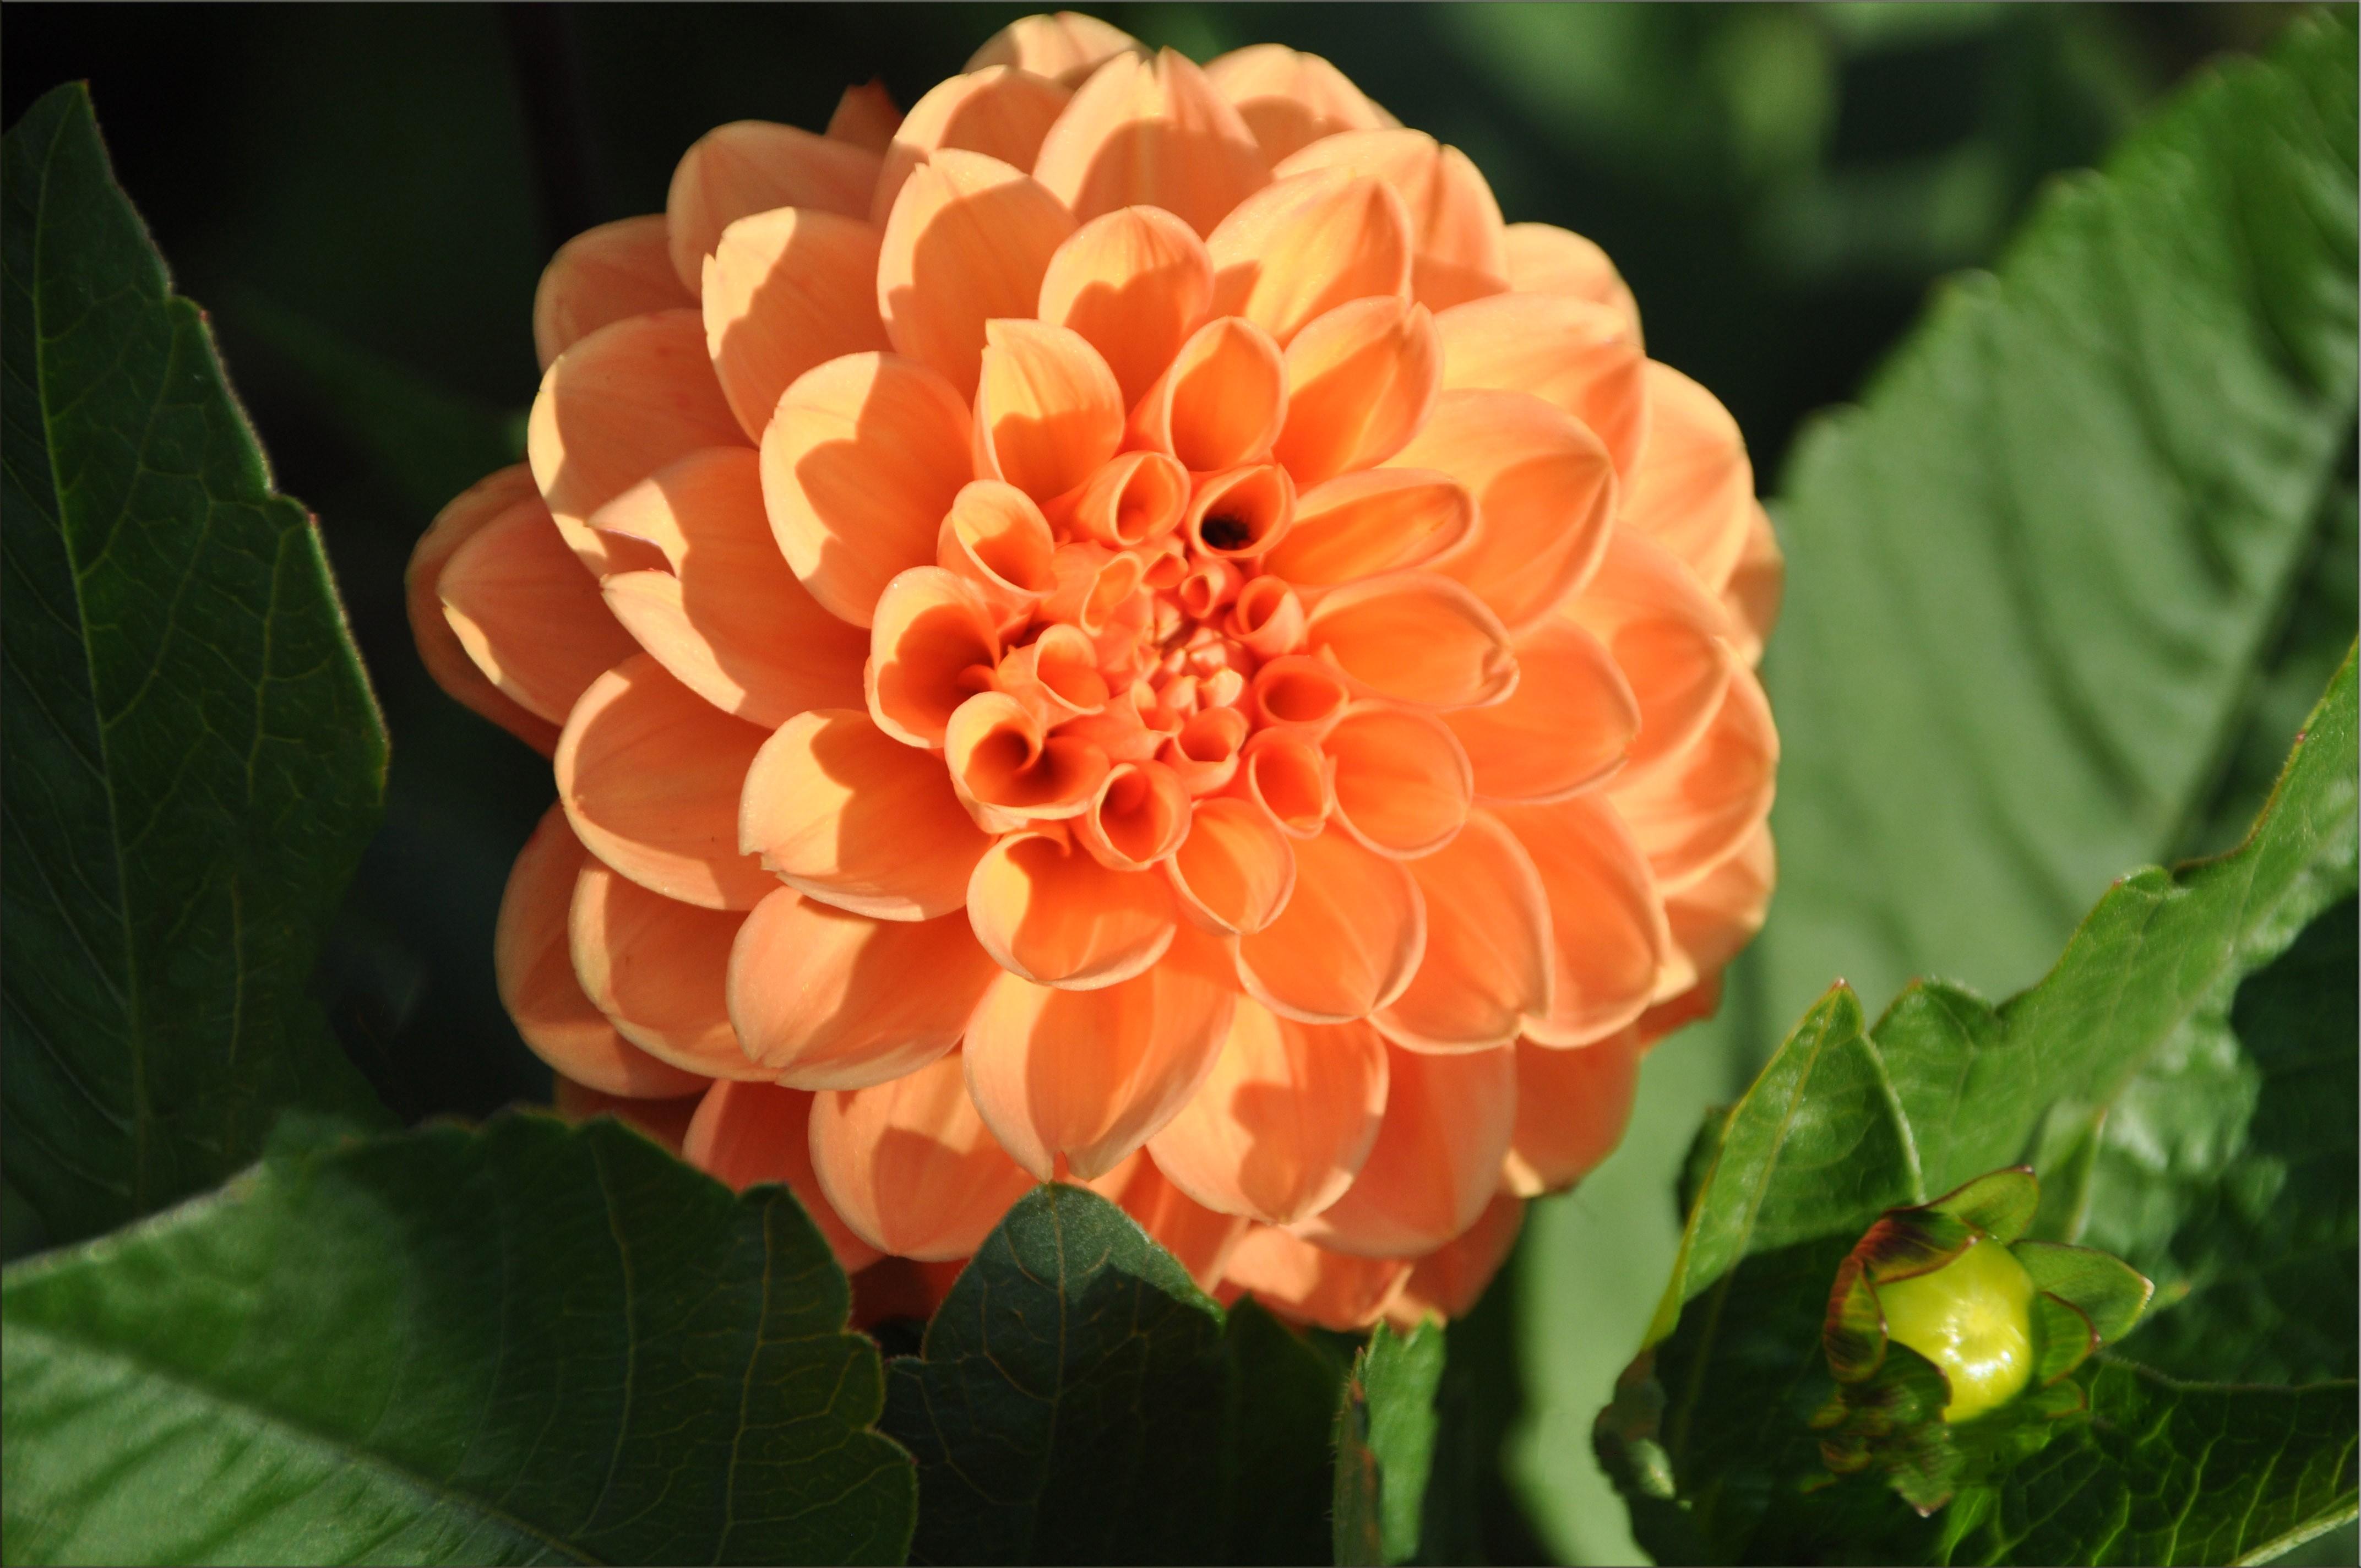 Sfondi dalie fiori d 39 arancio fiore dalia flora - Dalia pianta ...